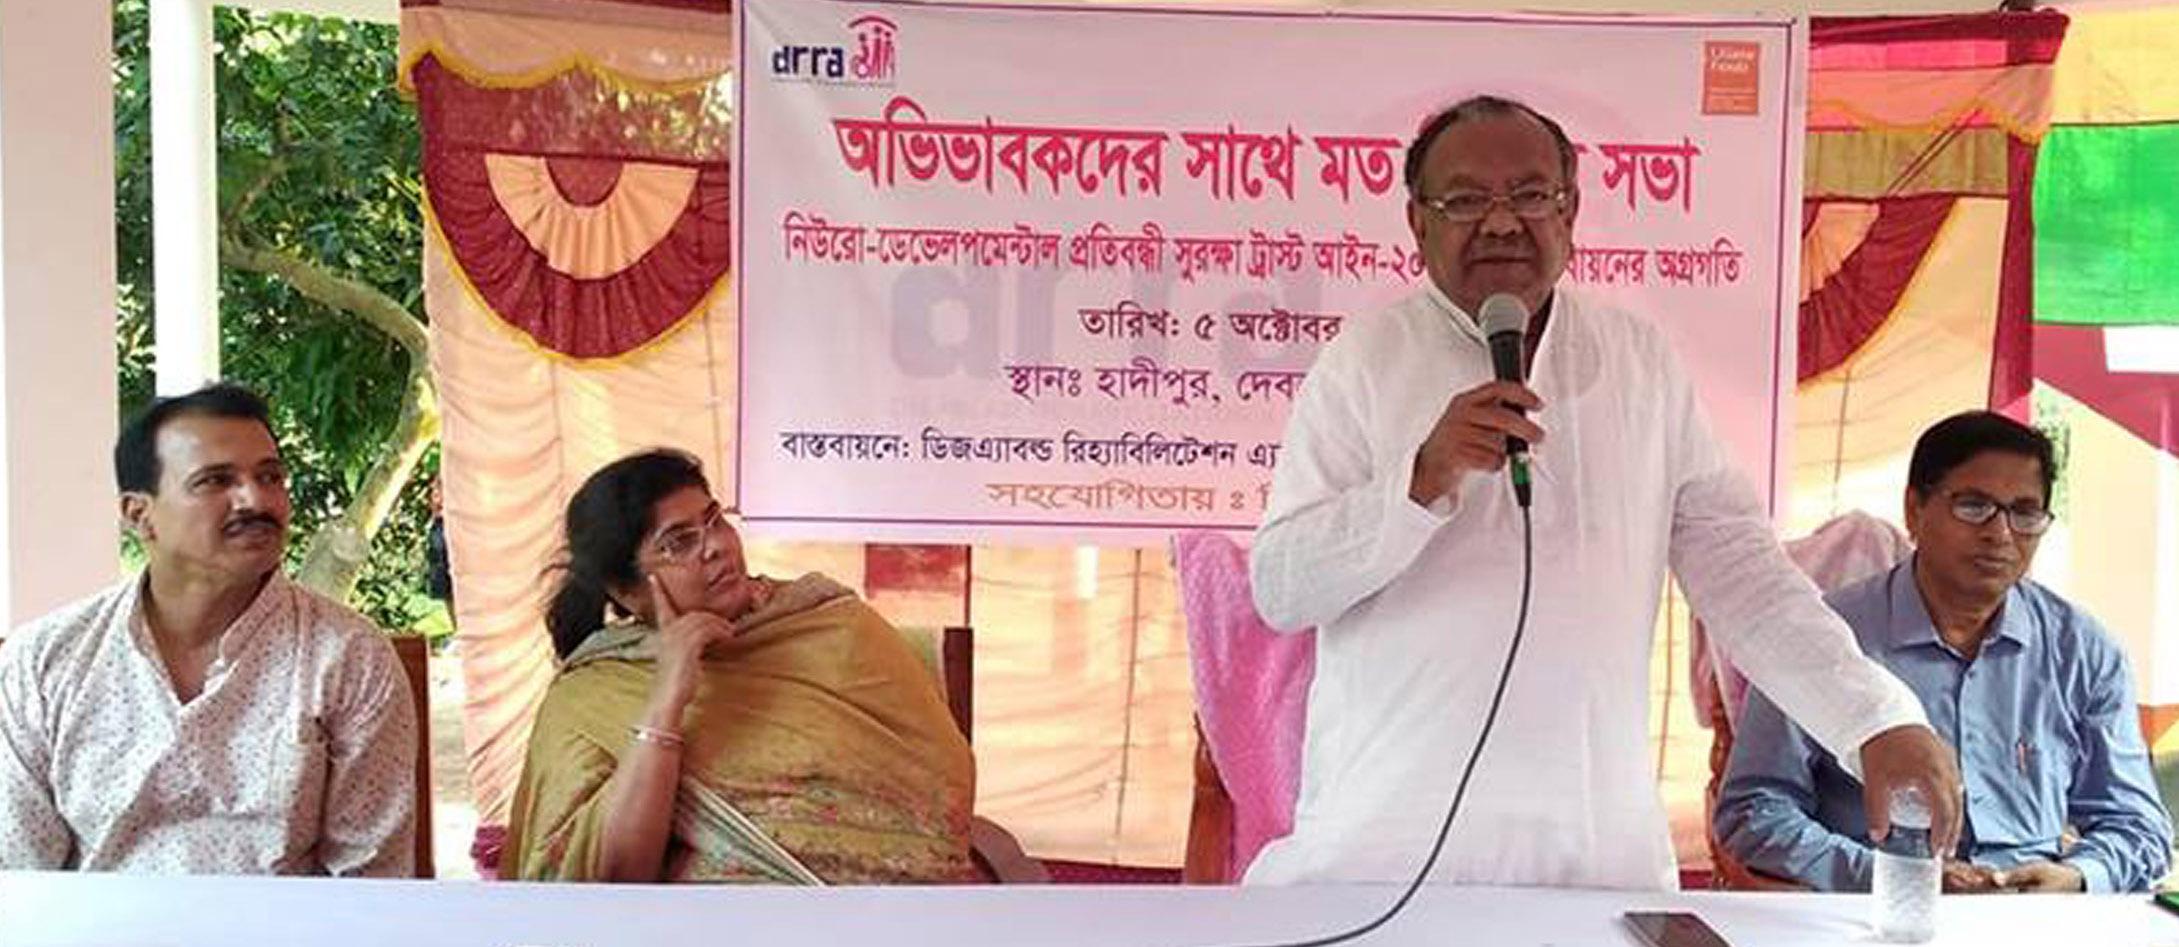 প্রতিবন্ধীরা বোঝা নয়, তাদেরও আছে স্বপ্ন পূরণের অধিকার: এমপি রুহুল হক